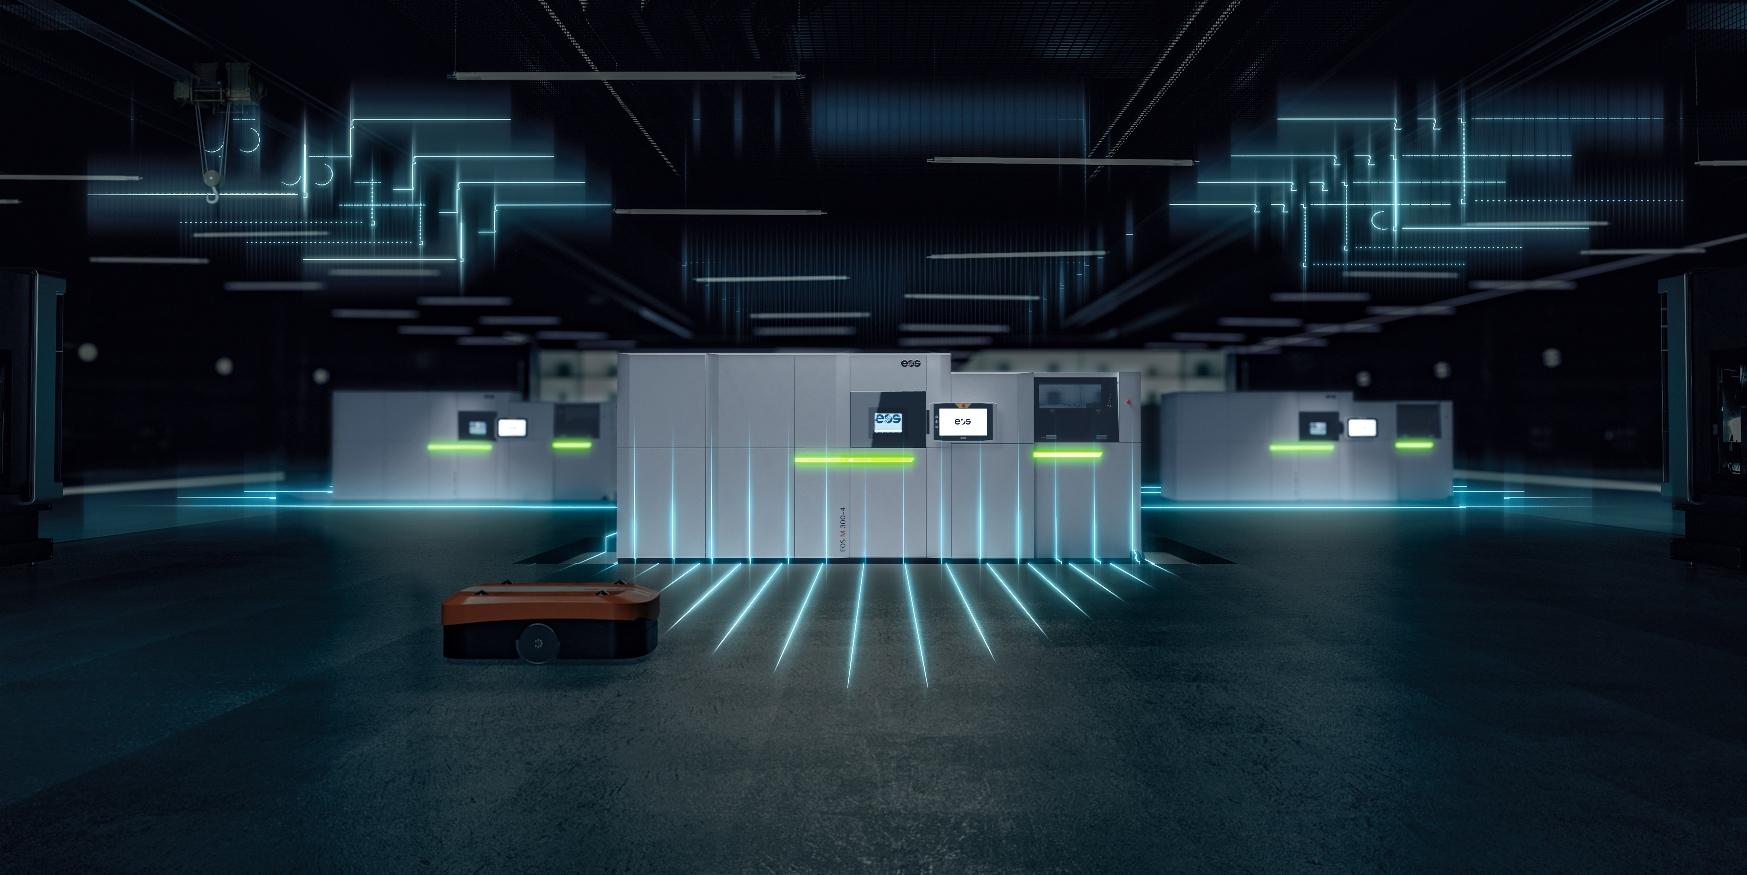 EOS presenta una nuova tecnologia per i polimeri e una cella di produzione per la stampa 3D di materiali metallici